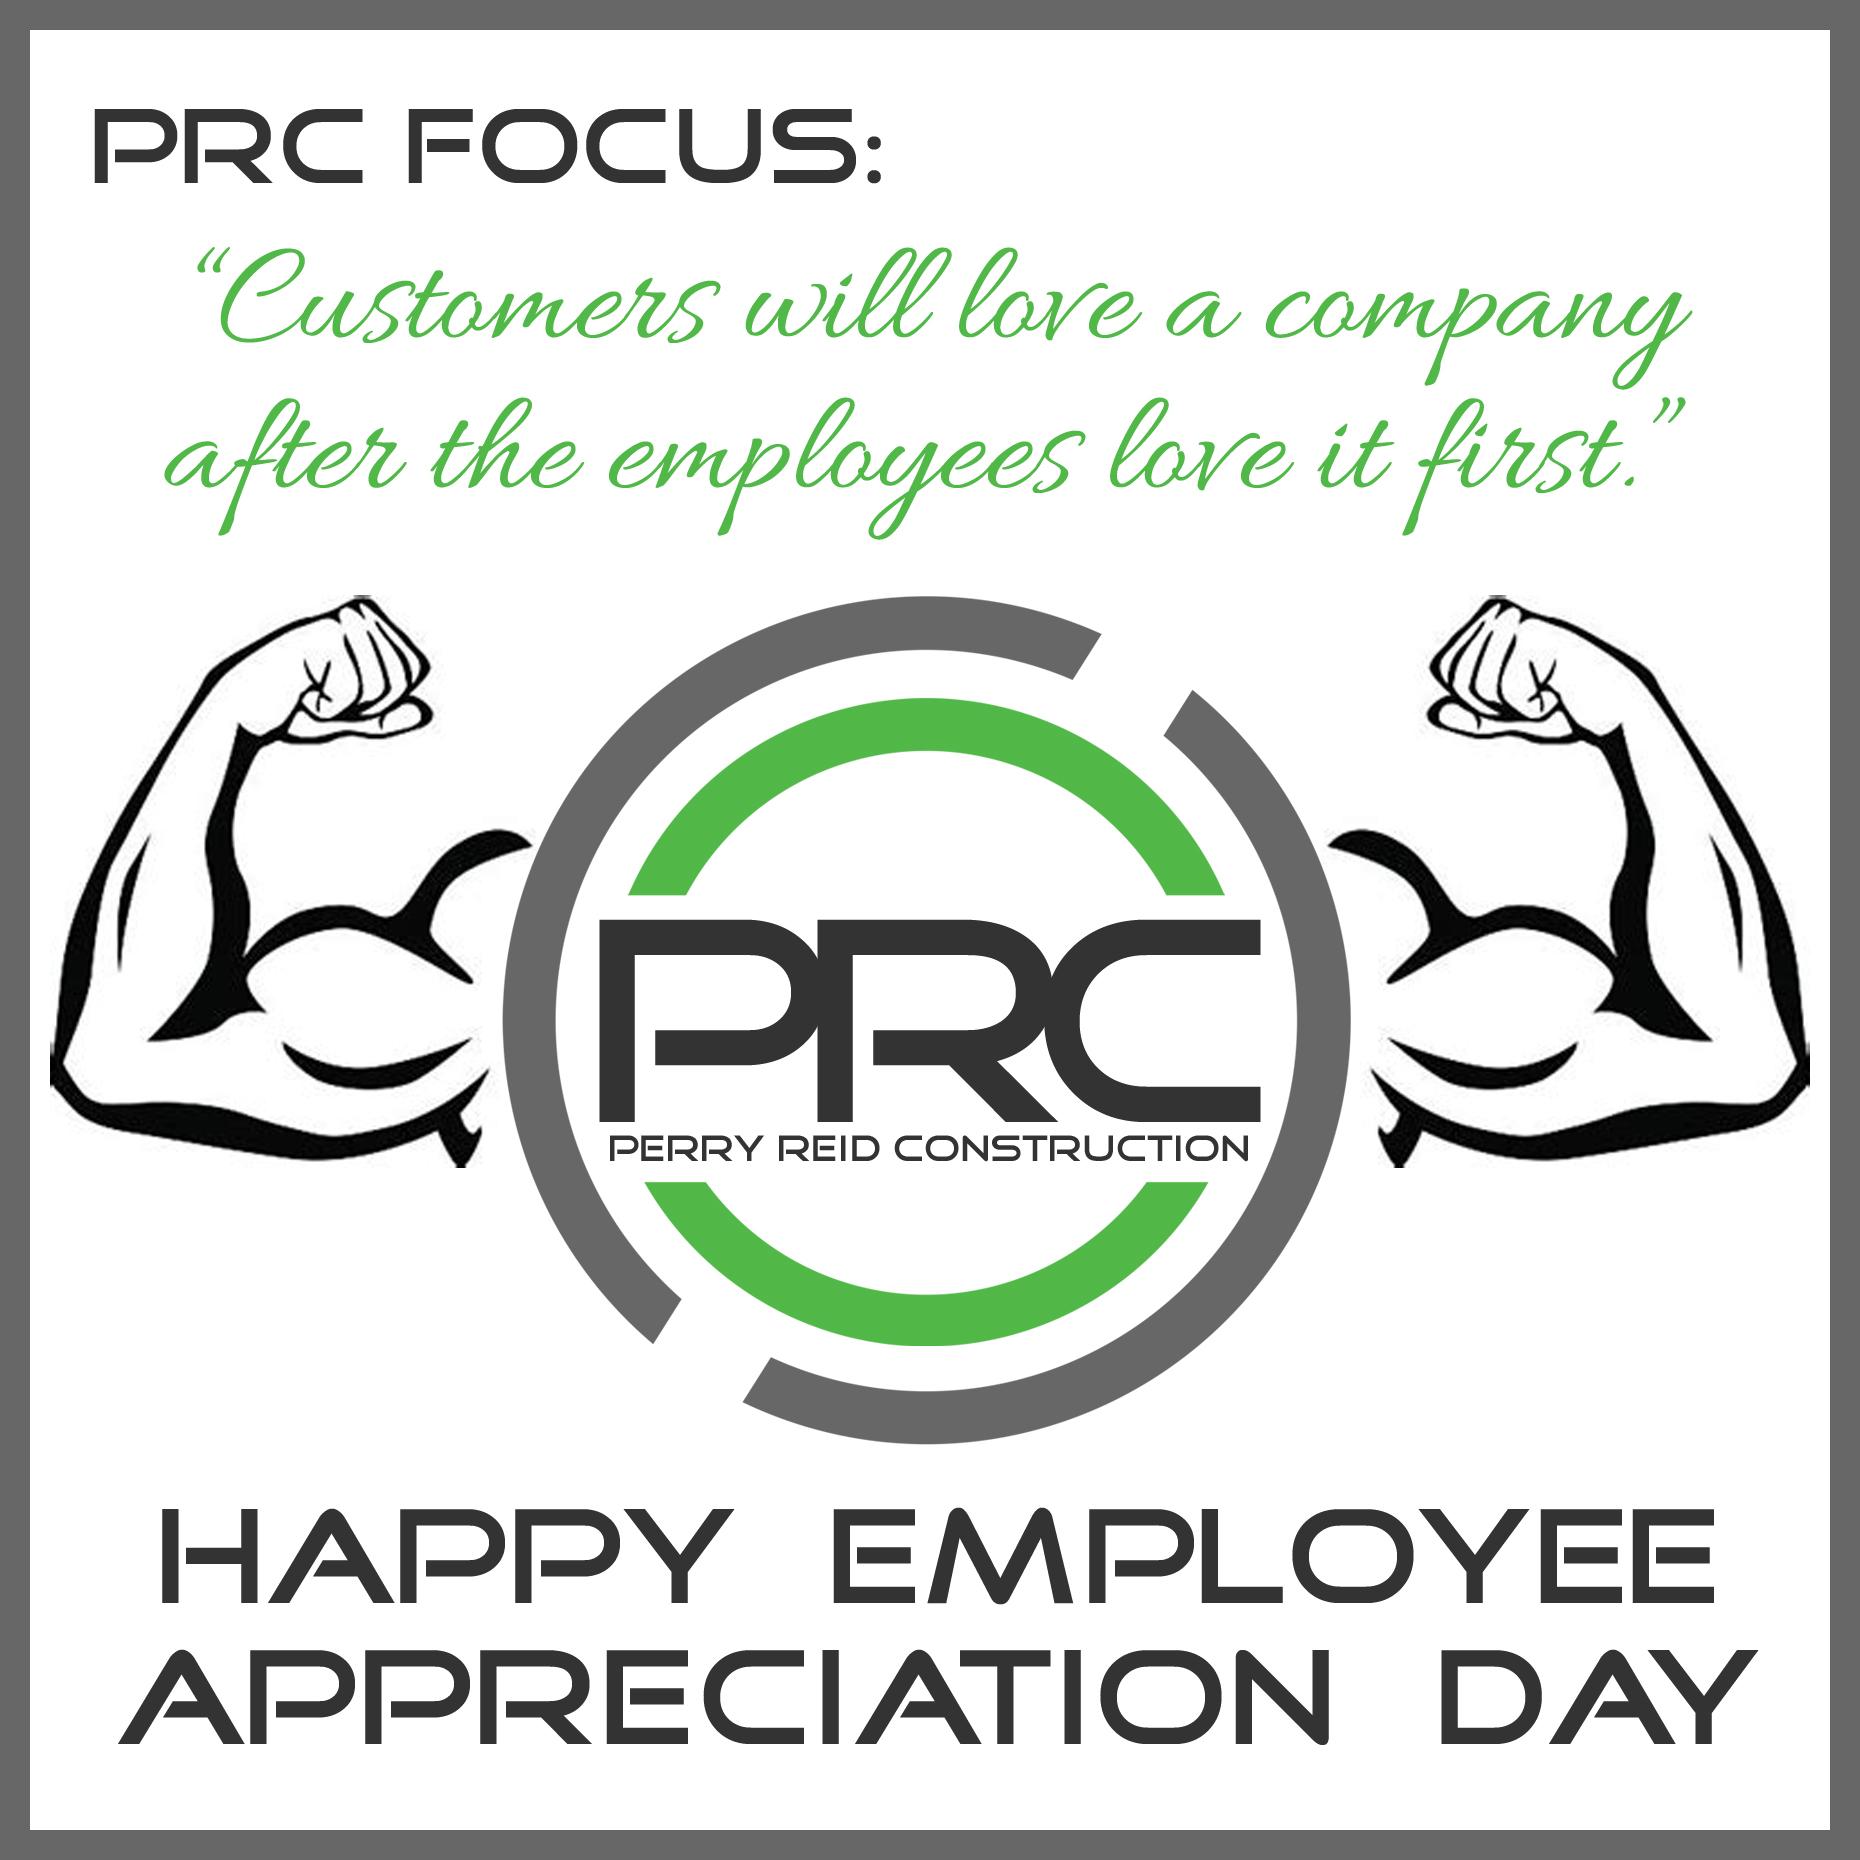 Happy Employee Appreciation Day